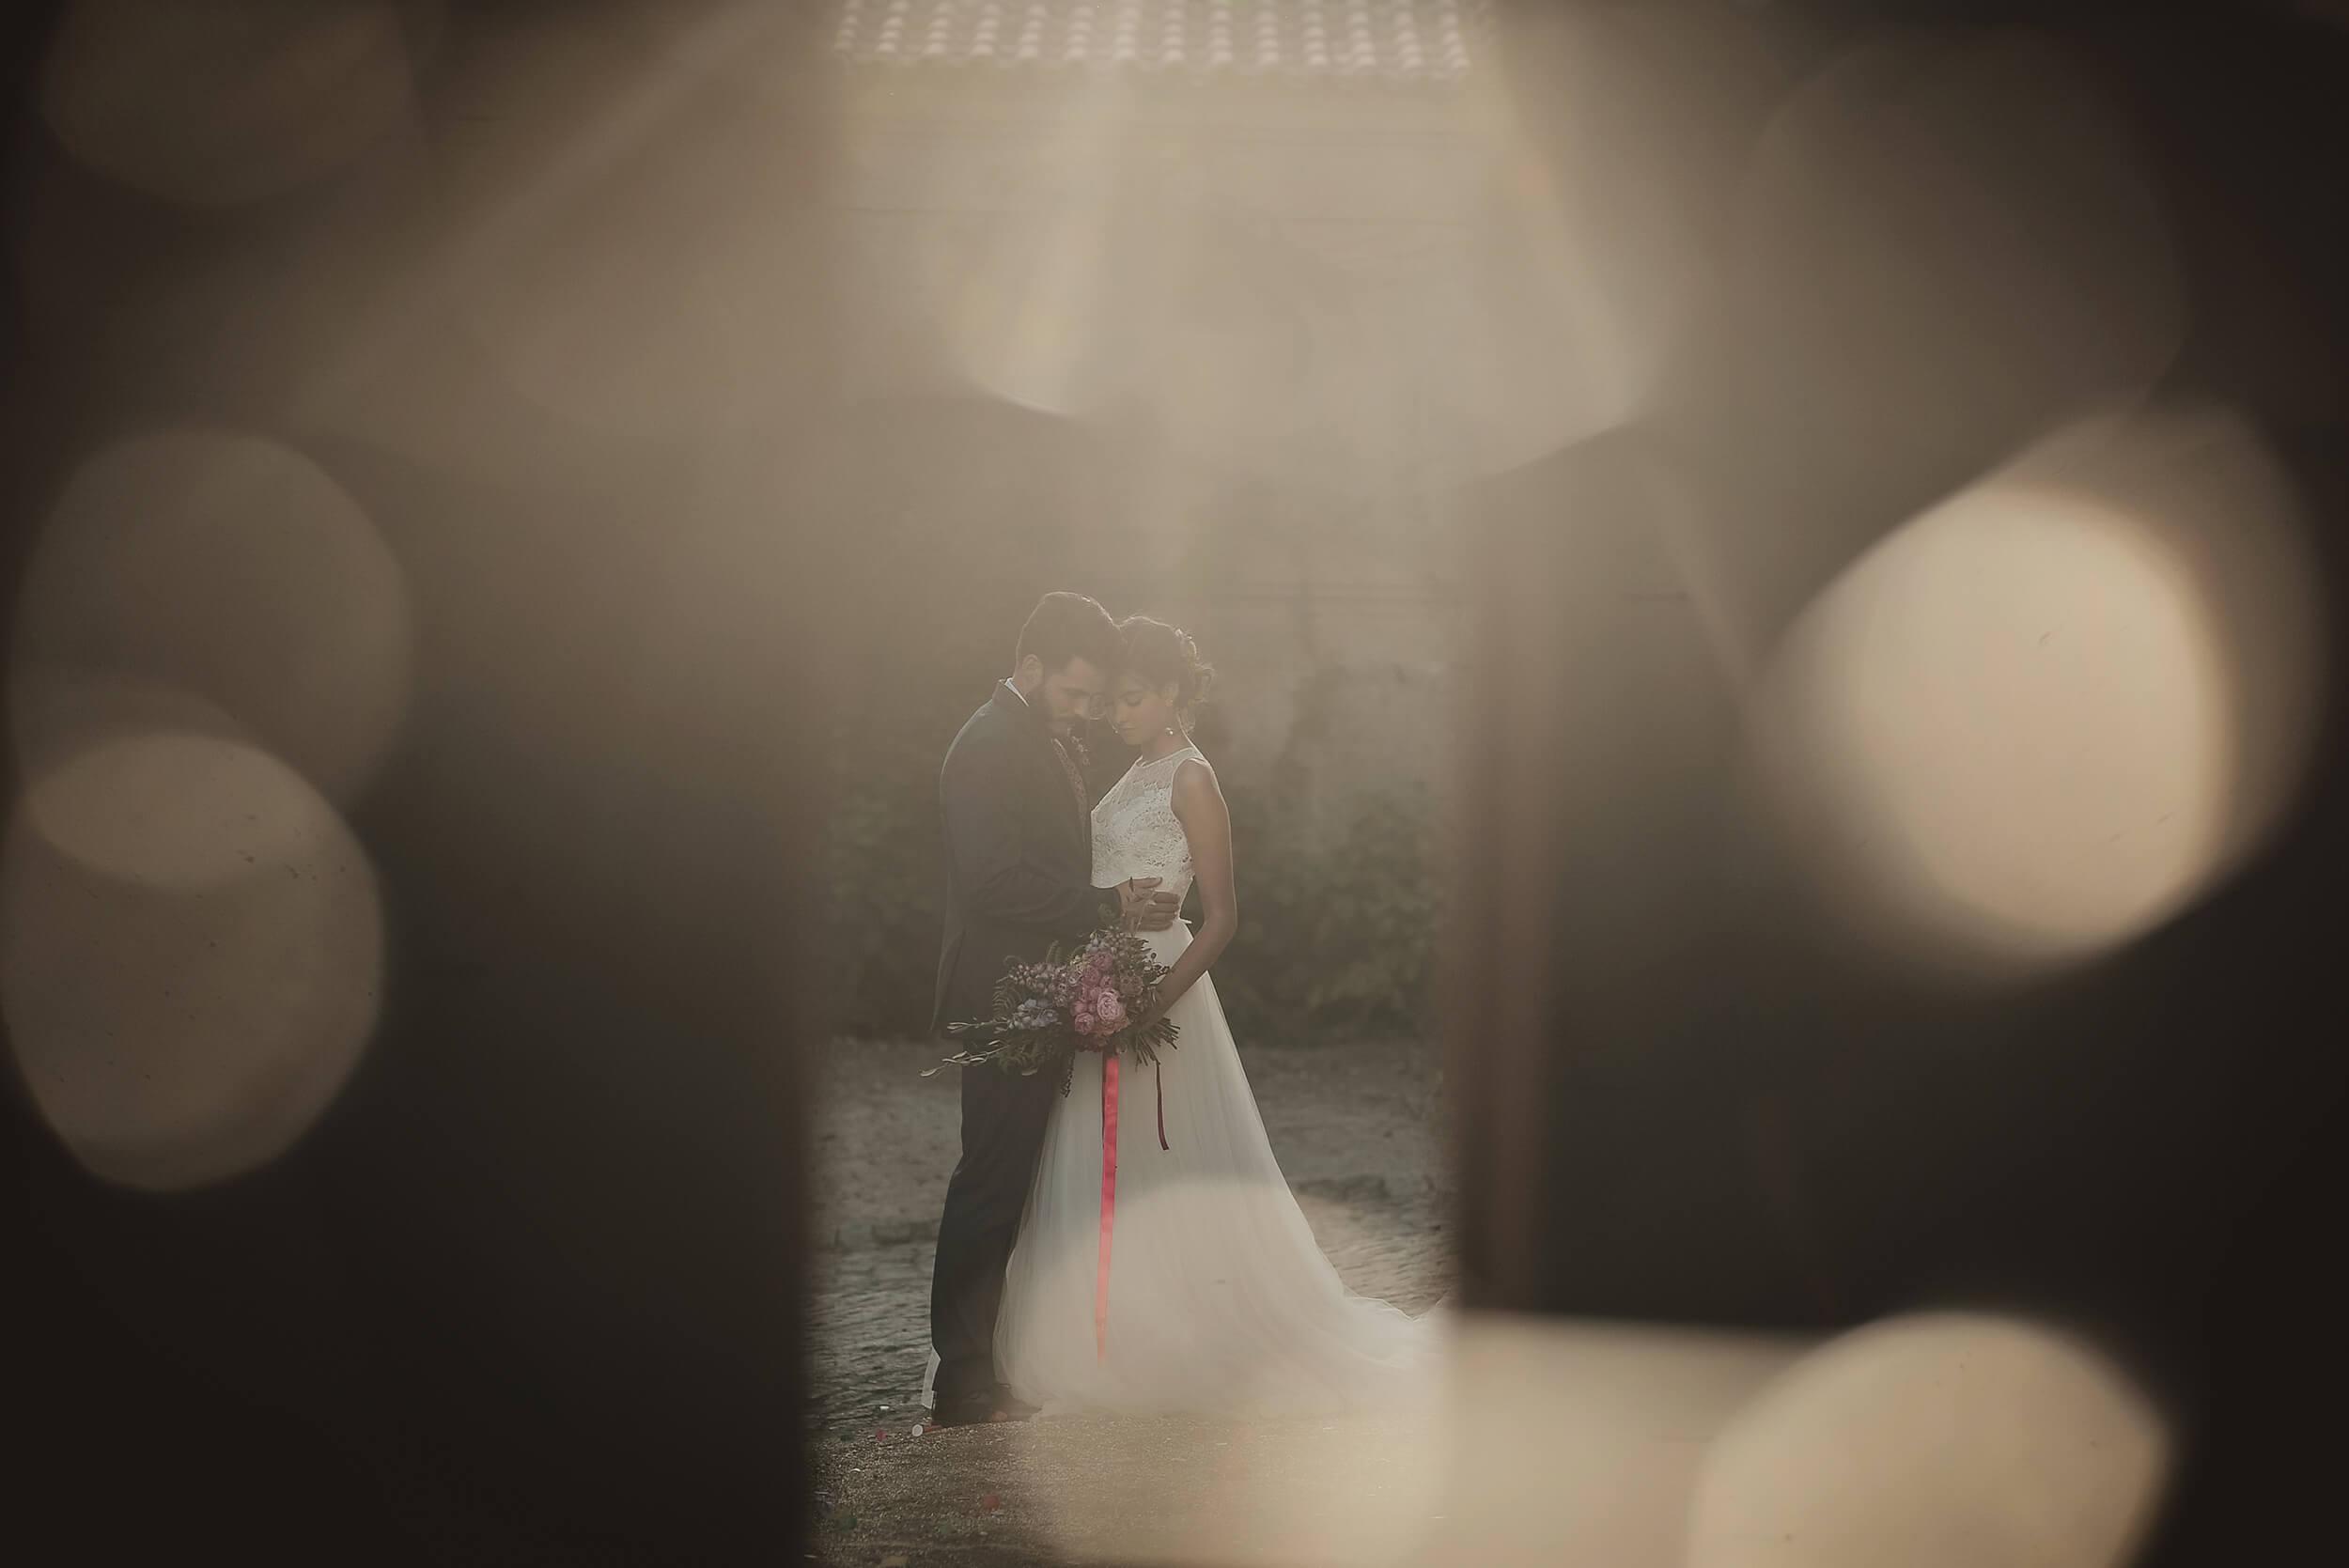 roma-organizacao-eventos-editorial-casamento-colorful-wedding-41